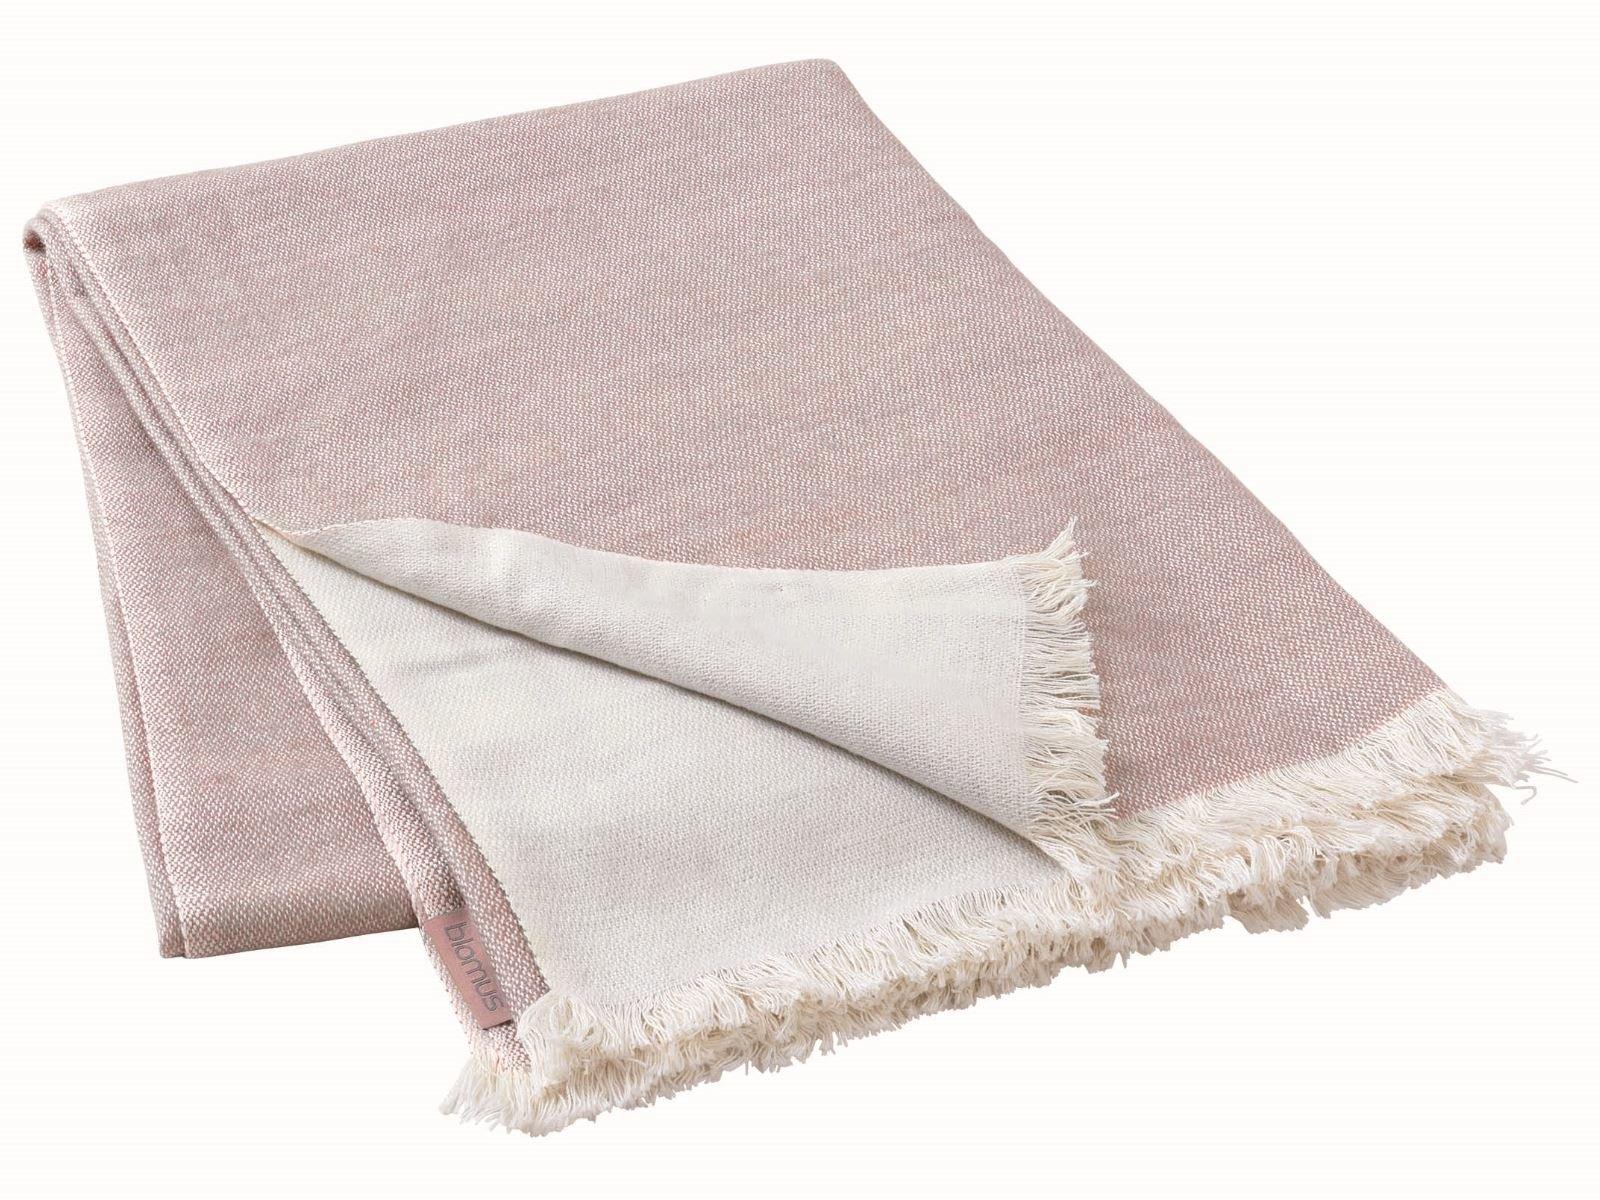 Blomus Decken & Felle NEA Decke bark 130x180cm günstig online kaufen